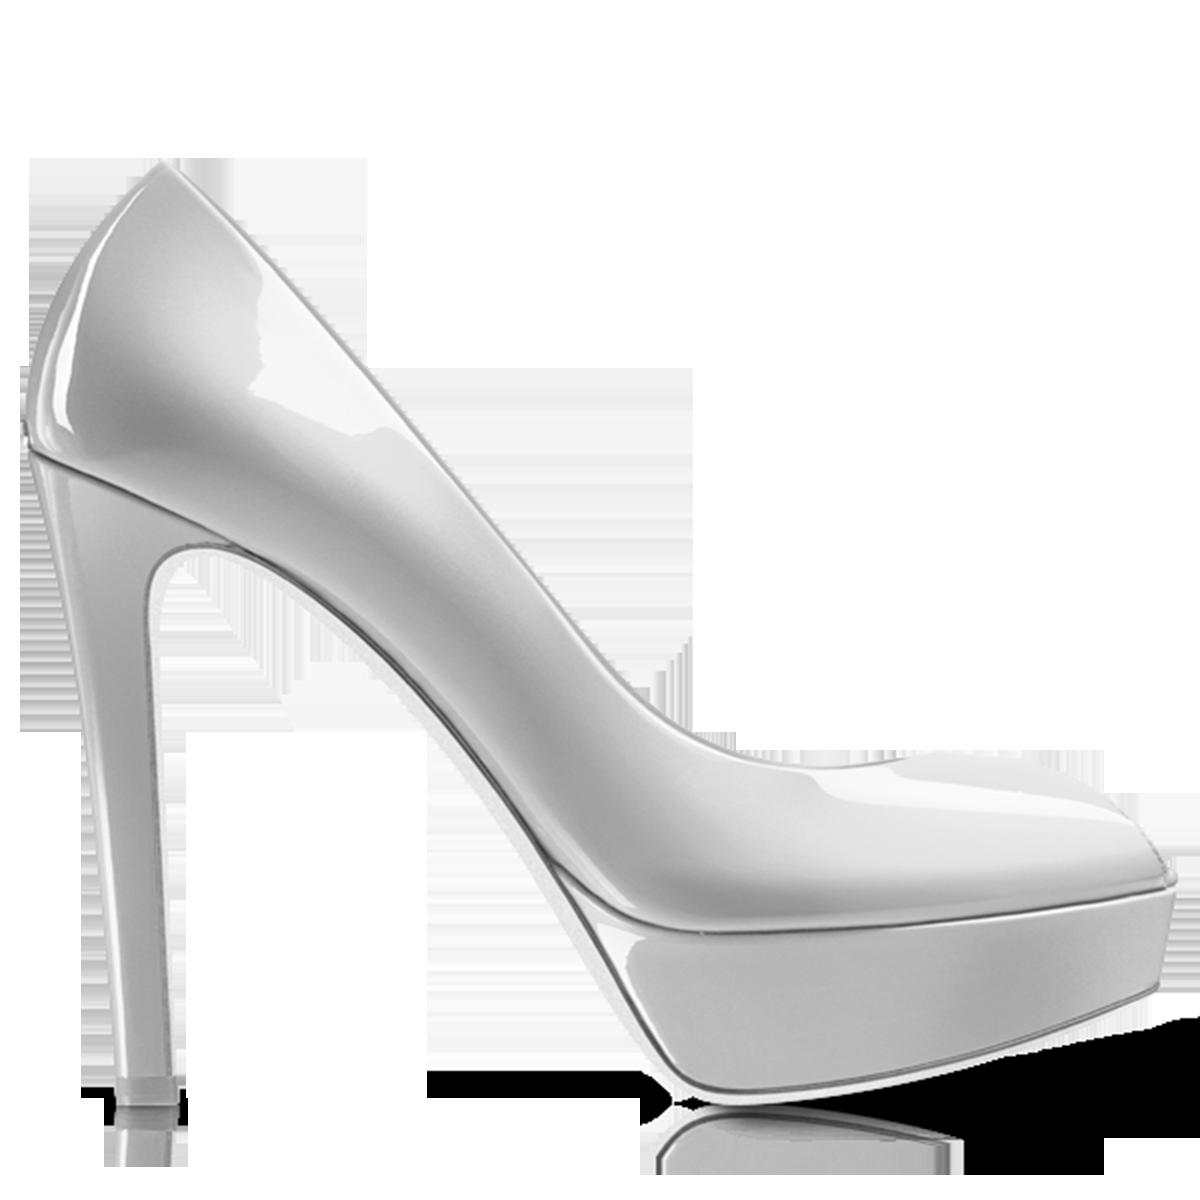 Kheila White Women Shoe PNG Image